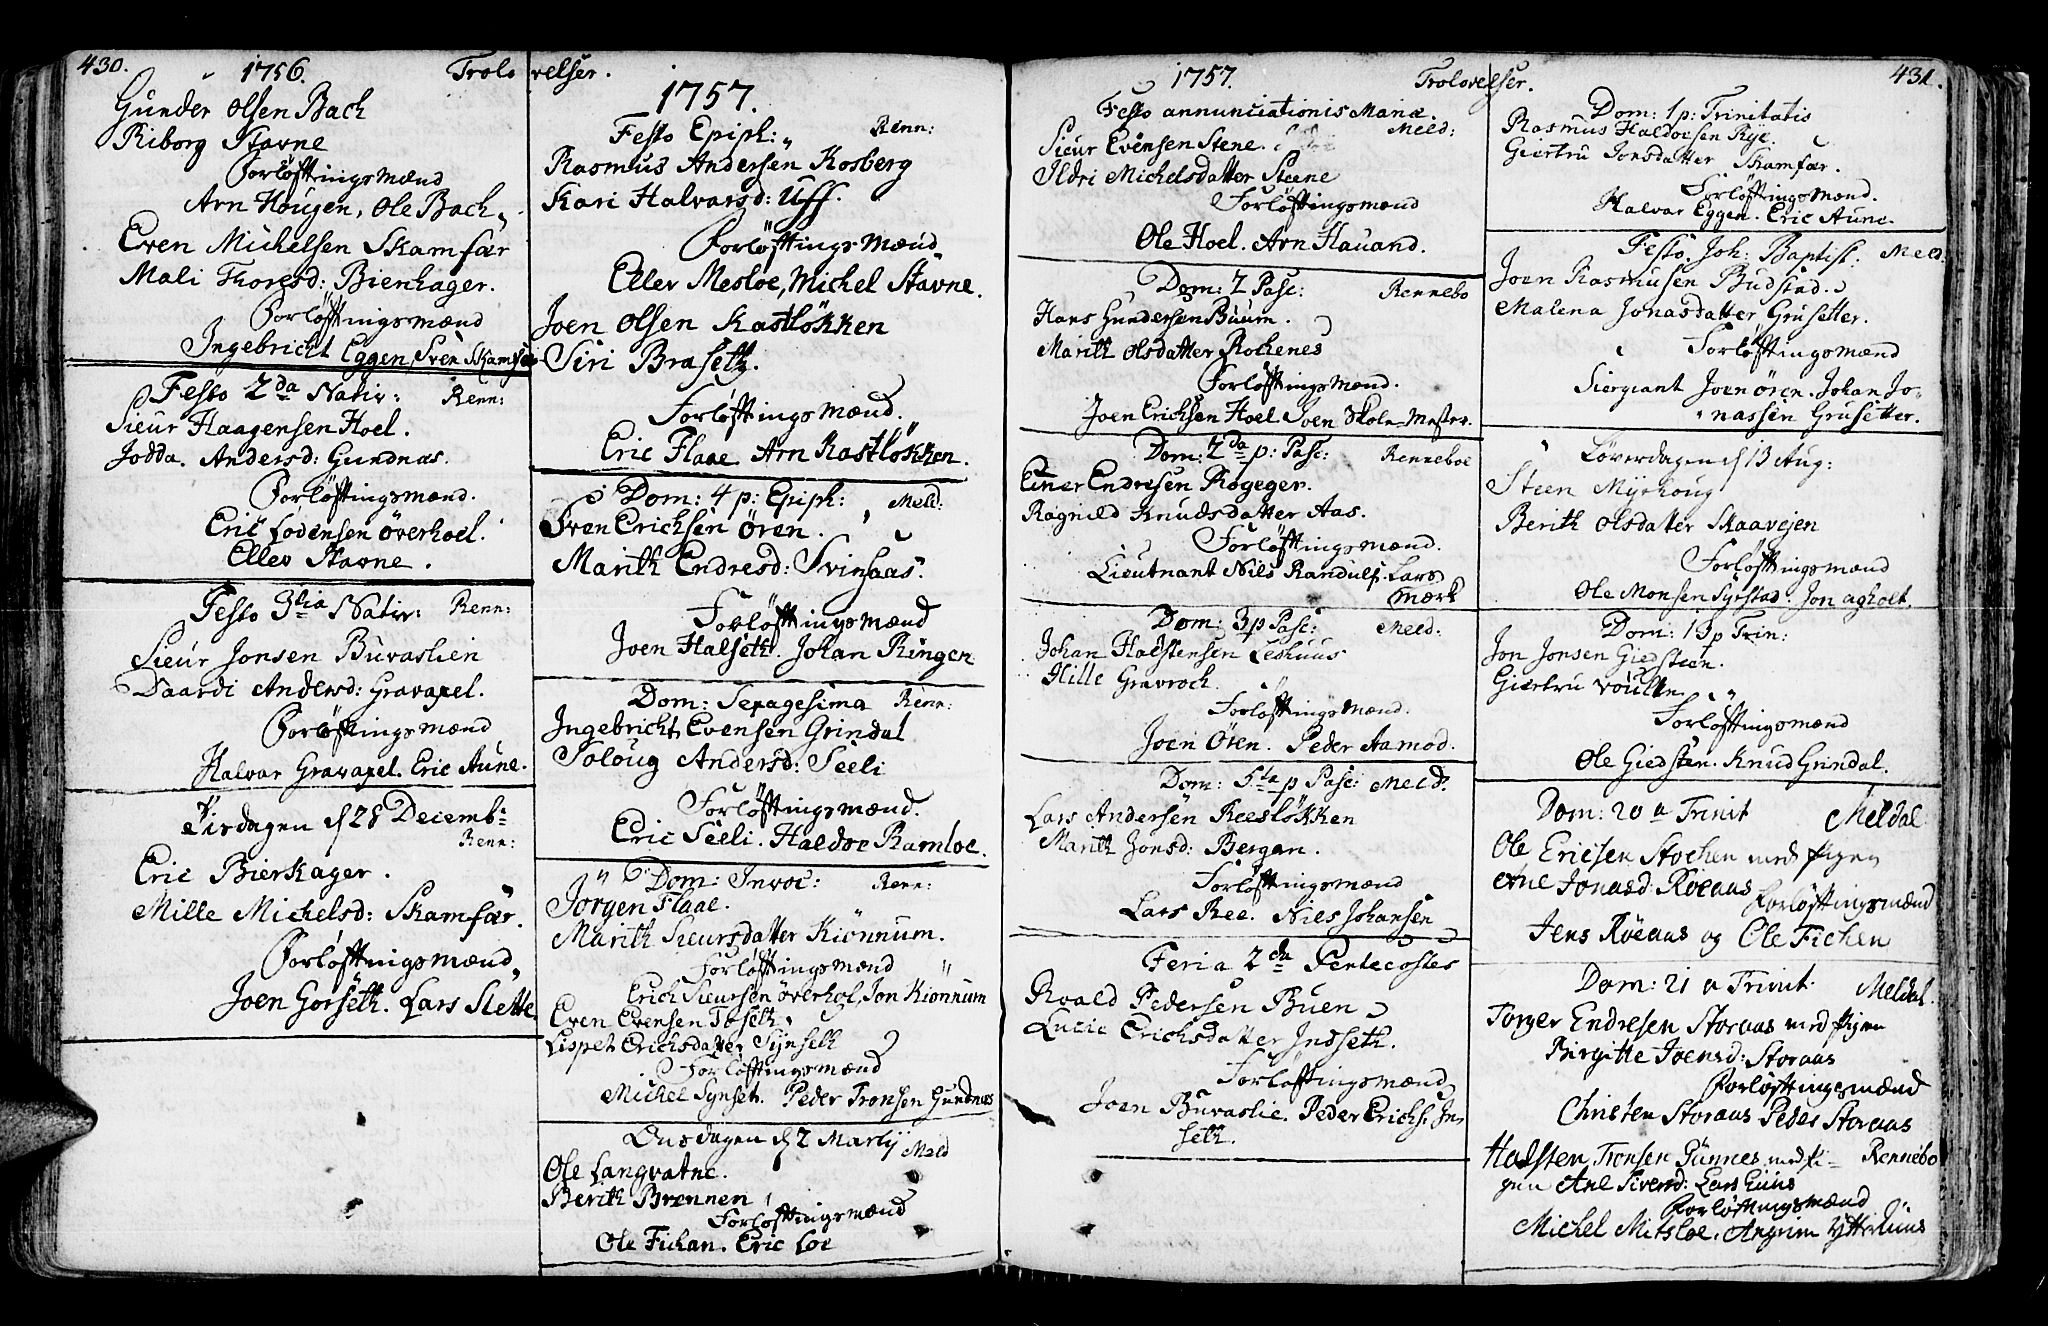 SAT, Ministerialprotokoller, klokkerbøker og fødselsregistre - Sør-Trøndelag, 672/L0851: Ministerialbok nr. 672A04, 1751-1775, s. 430-431